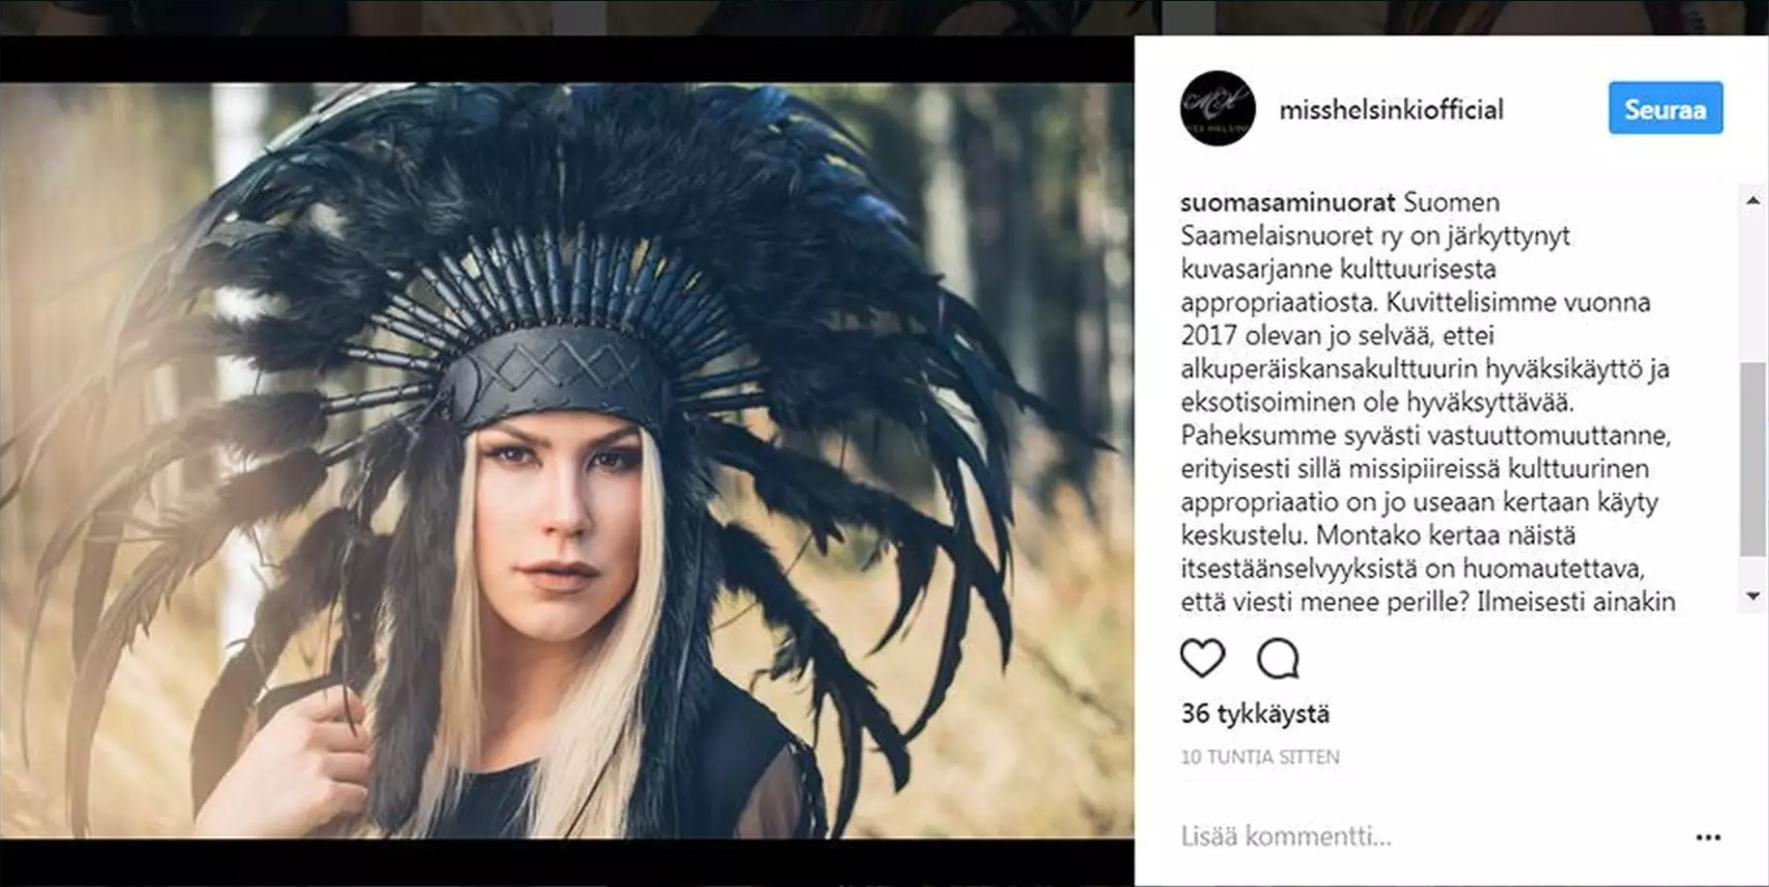 Nyt kävi näin. Tämä kuvassa näkyvä kommnetti katosi Miss Helsinki -kilpailun internetistä. Mutta eihän mikään nettiin päässyt milloinkaan netistä katoa. Kuvakaappaus NYT.fi.